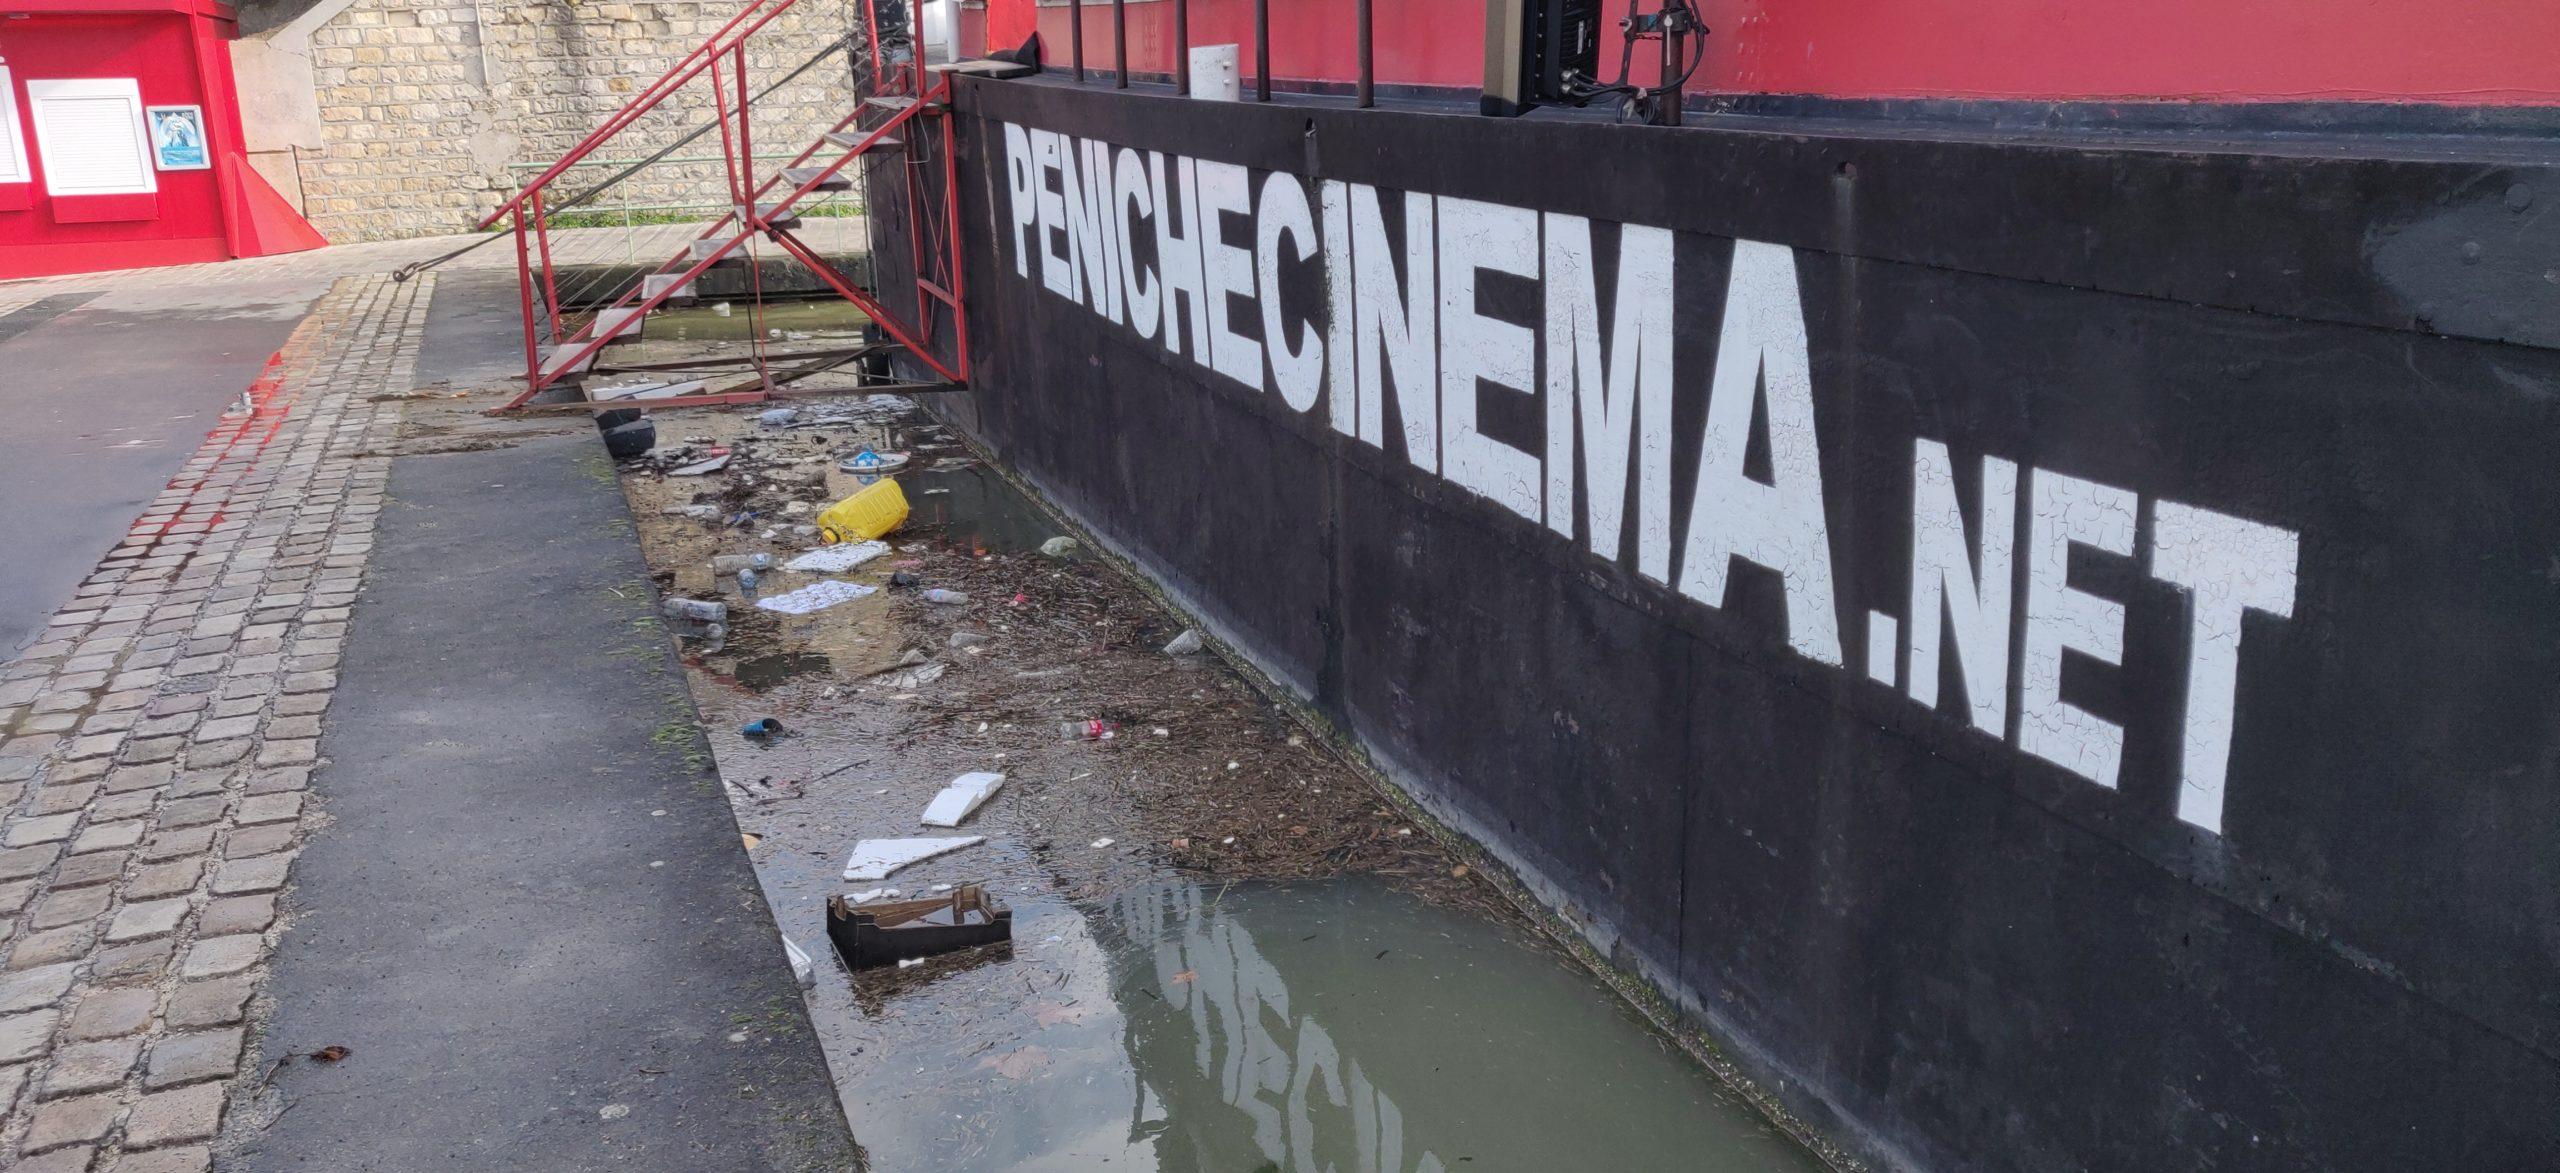 Péniche et déchets à Paris